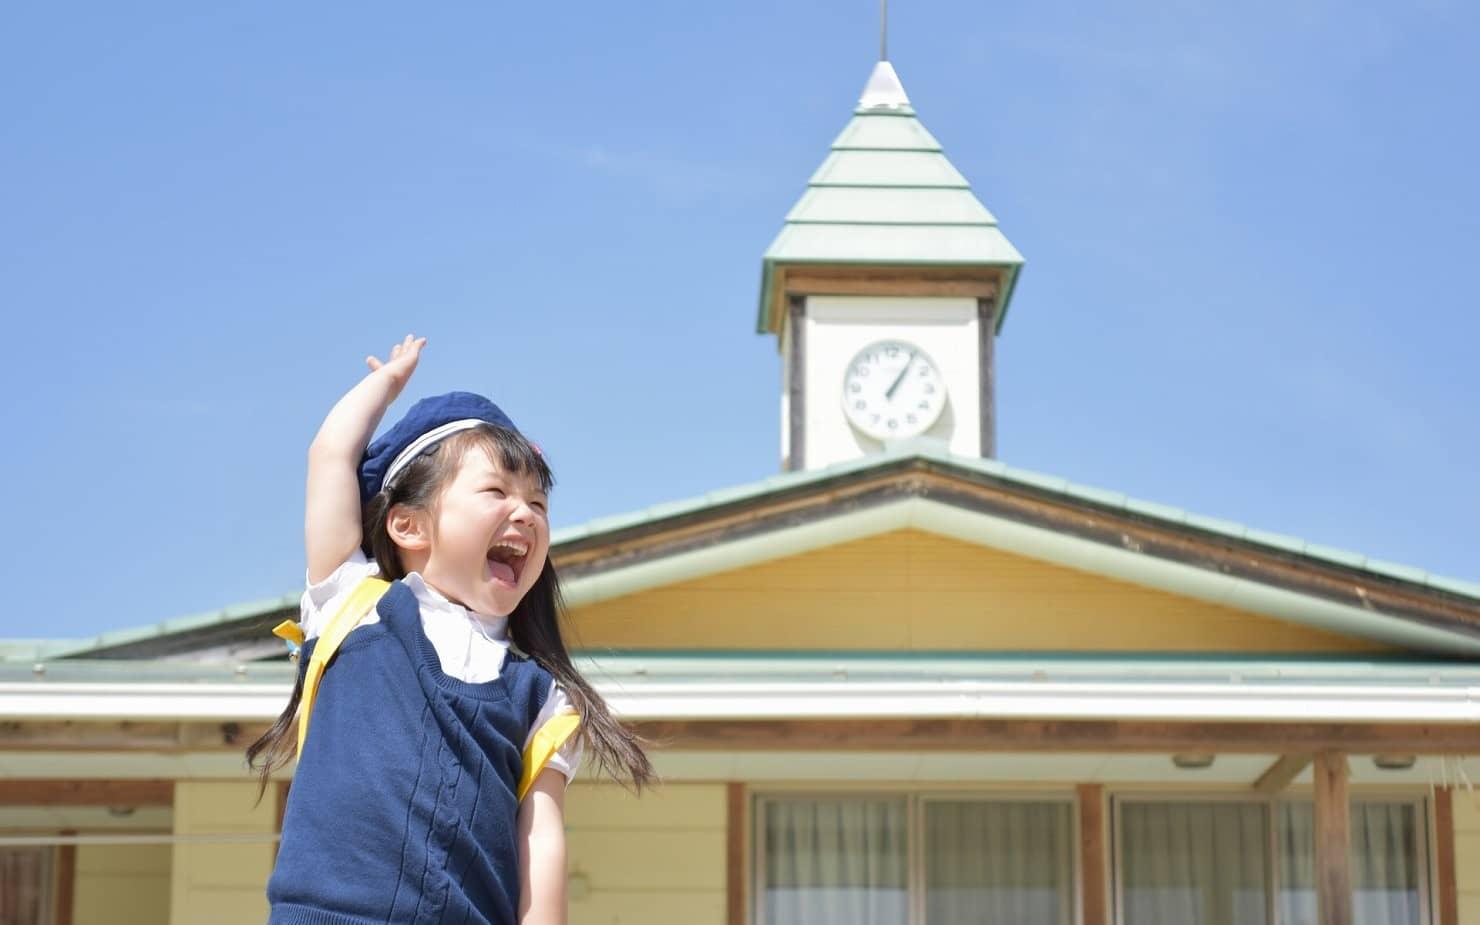 保育園と幼稚園の違いは? こども園って何? 教育内容、保育料など解説